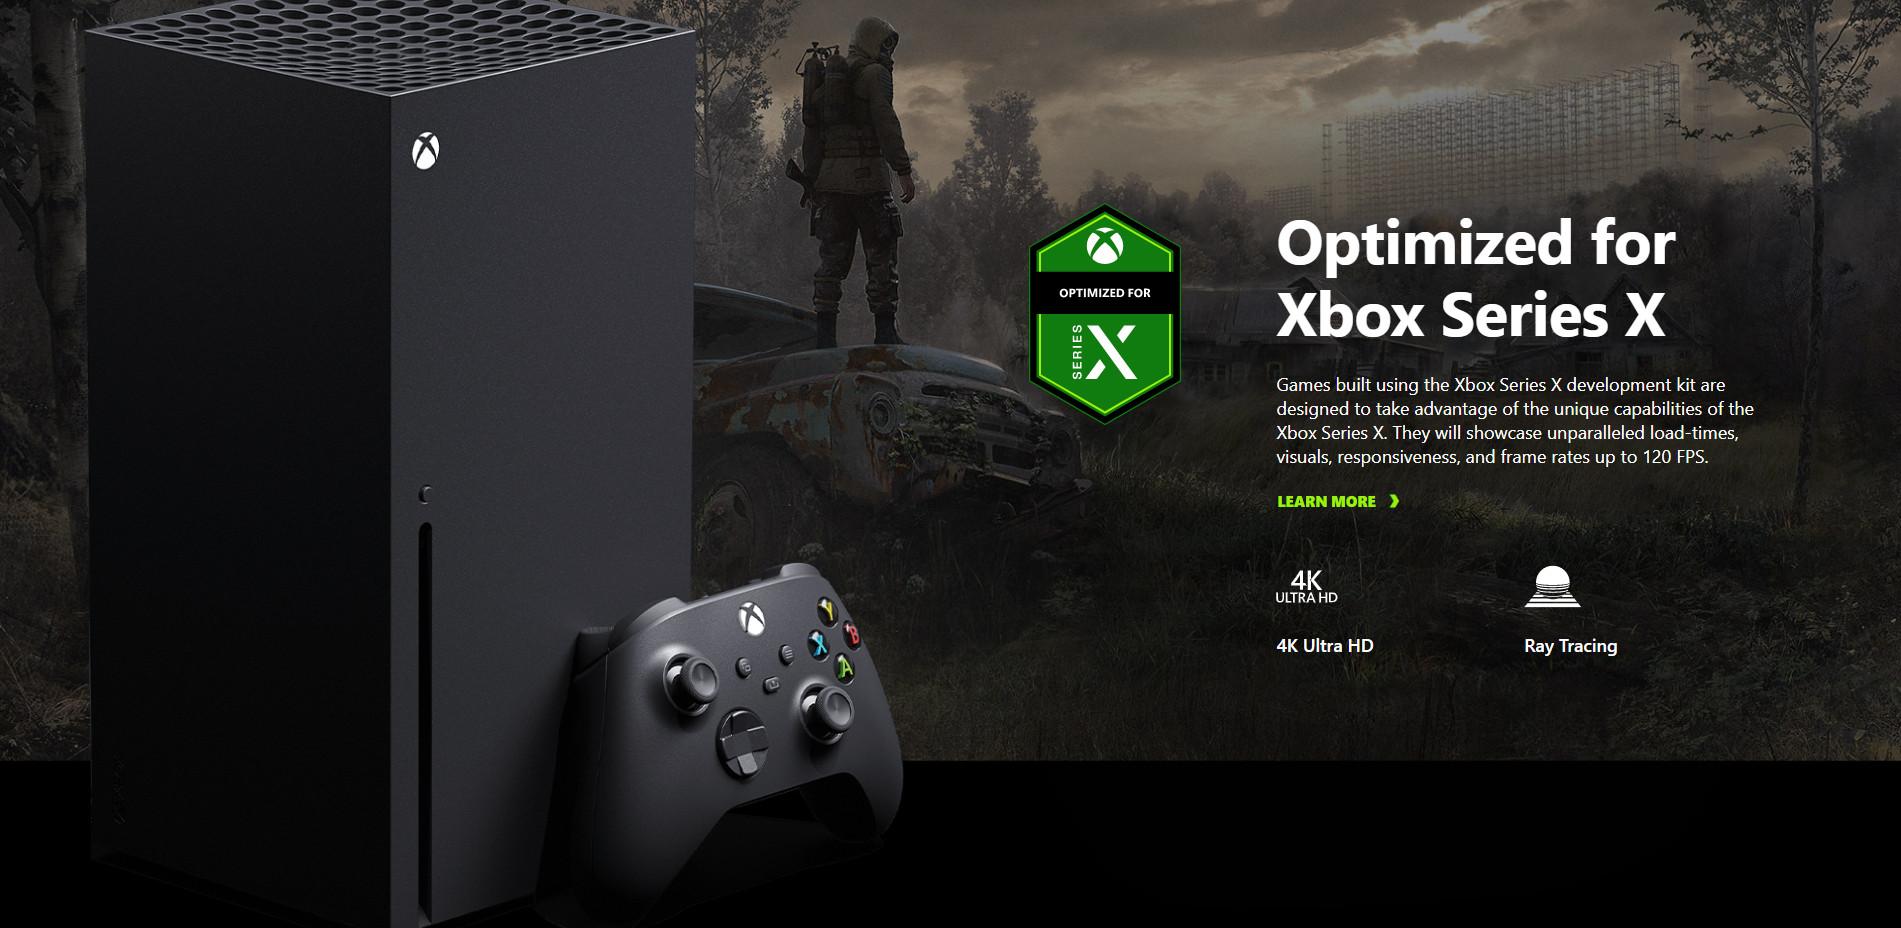 《潜行者2》在Xbox Series X上将支持4K和光追